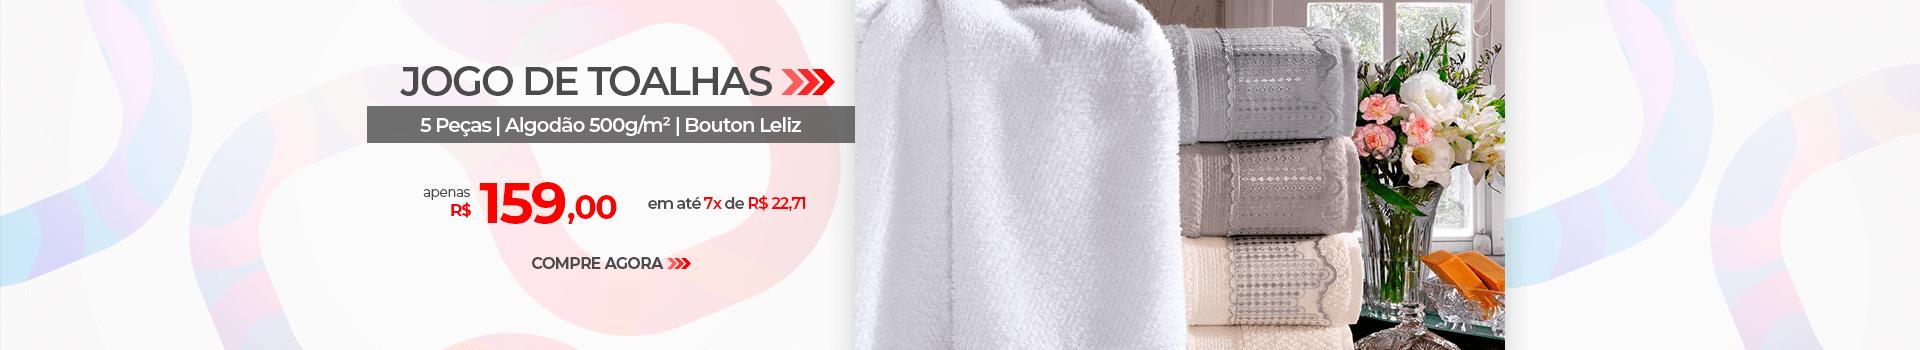 Jogo de Toalhas 5 peças Bouton Leliz | Apenas R$ 159,00 | Loja Buettner | Compre Agora!